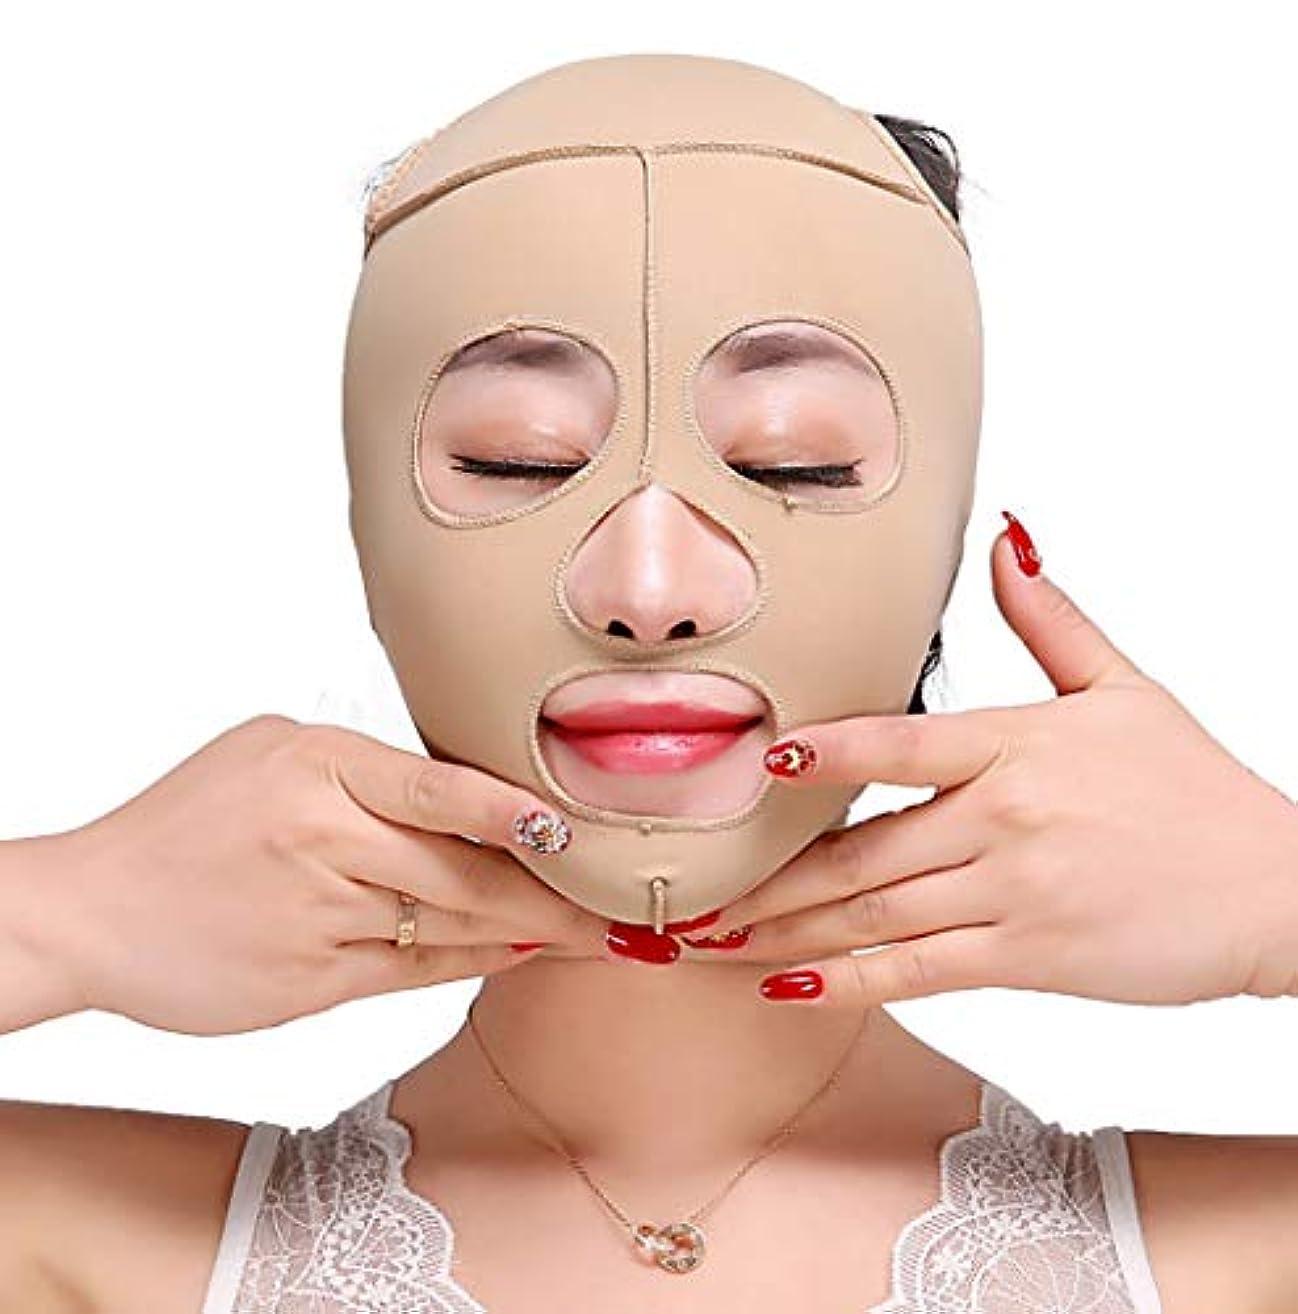 試みる微妙司教TLMY 痩身ベルト痩身ベルト薄い顔の包帯小V顔の顔の薄い顔のマスク包帯の強化引き締めV顔美容マスク小さな顔の包帯の頭飾り修正顔の形 顔用整形マスク (Size : M)